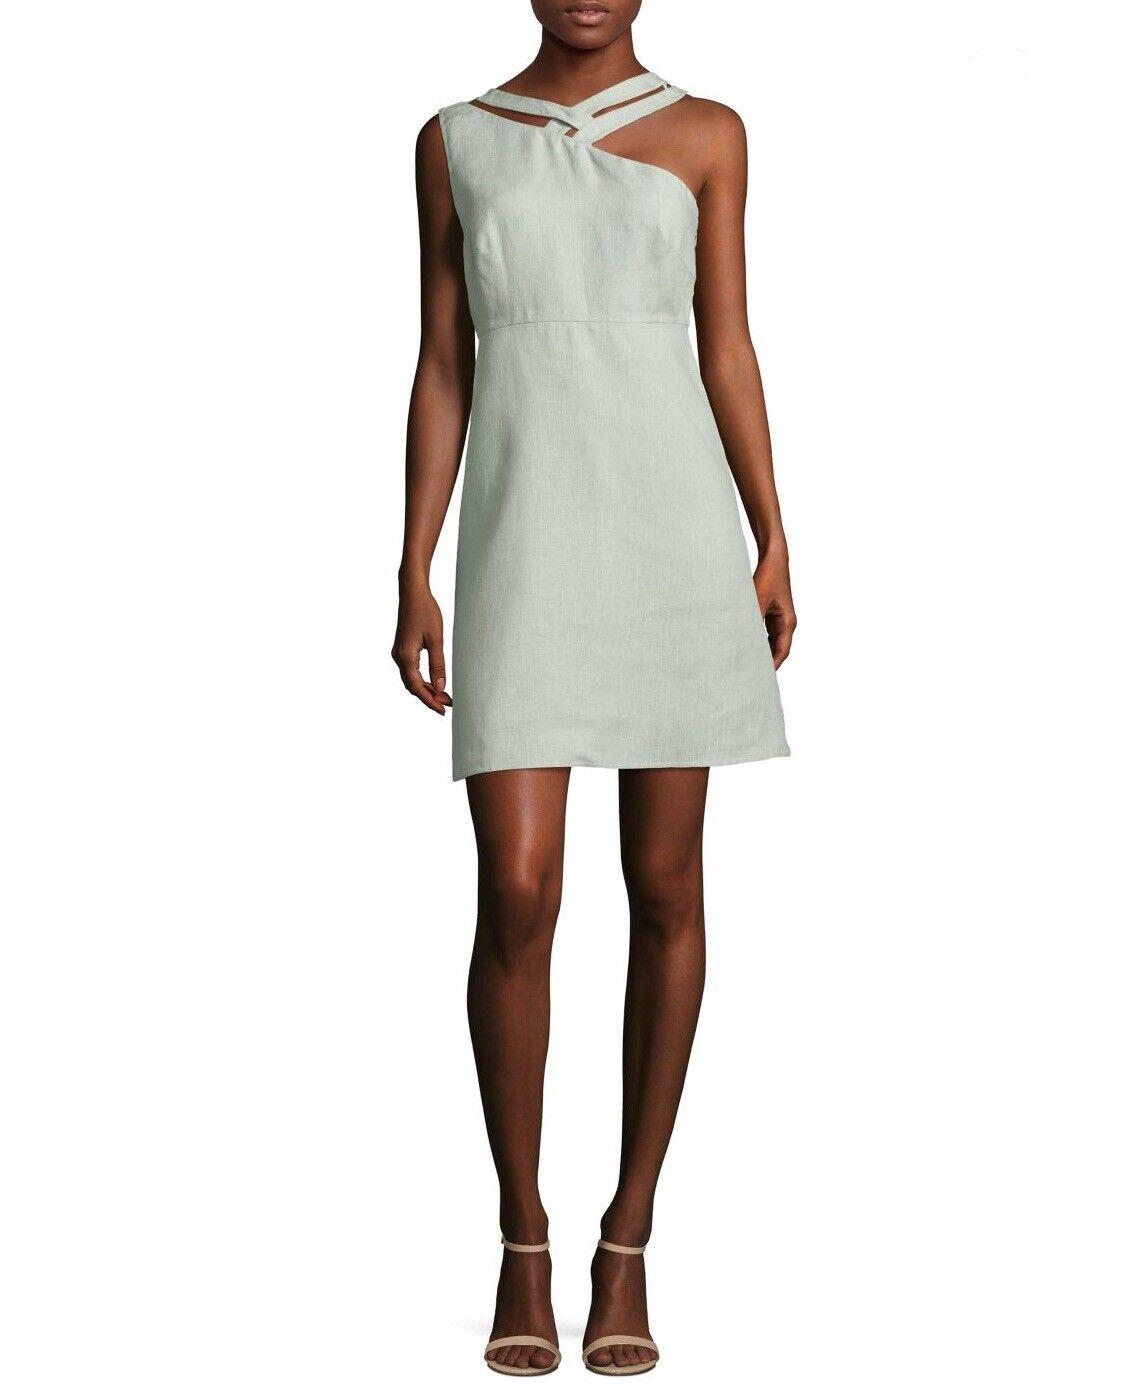 Valentino Ausschnitt Gewoben Tiglio Farbe Flax Kleid Größe 6 Us   42 Eu